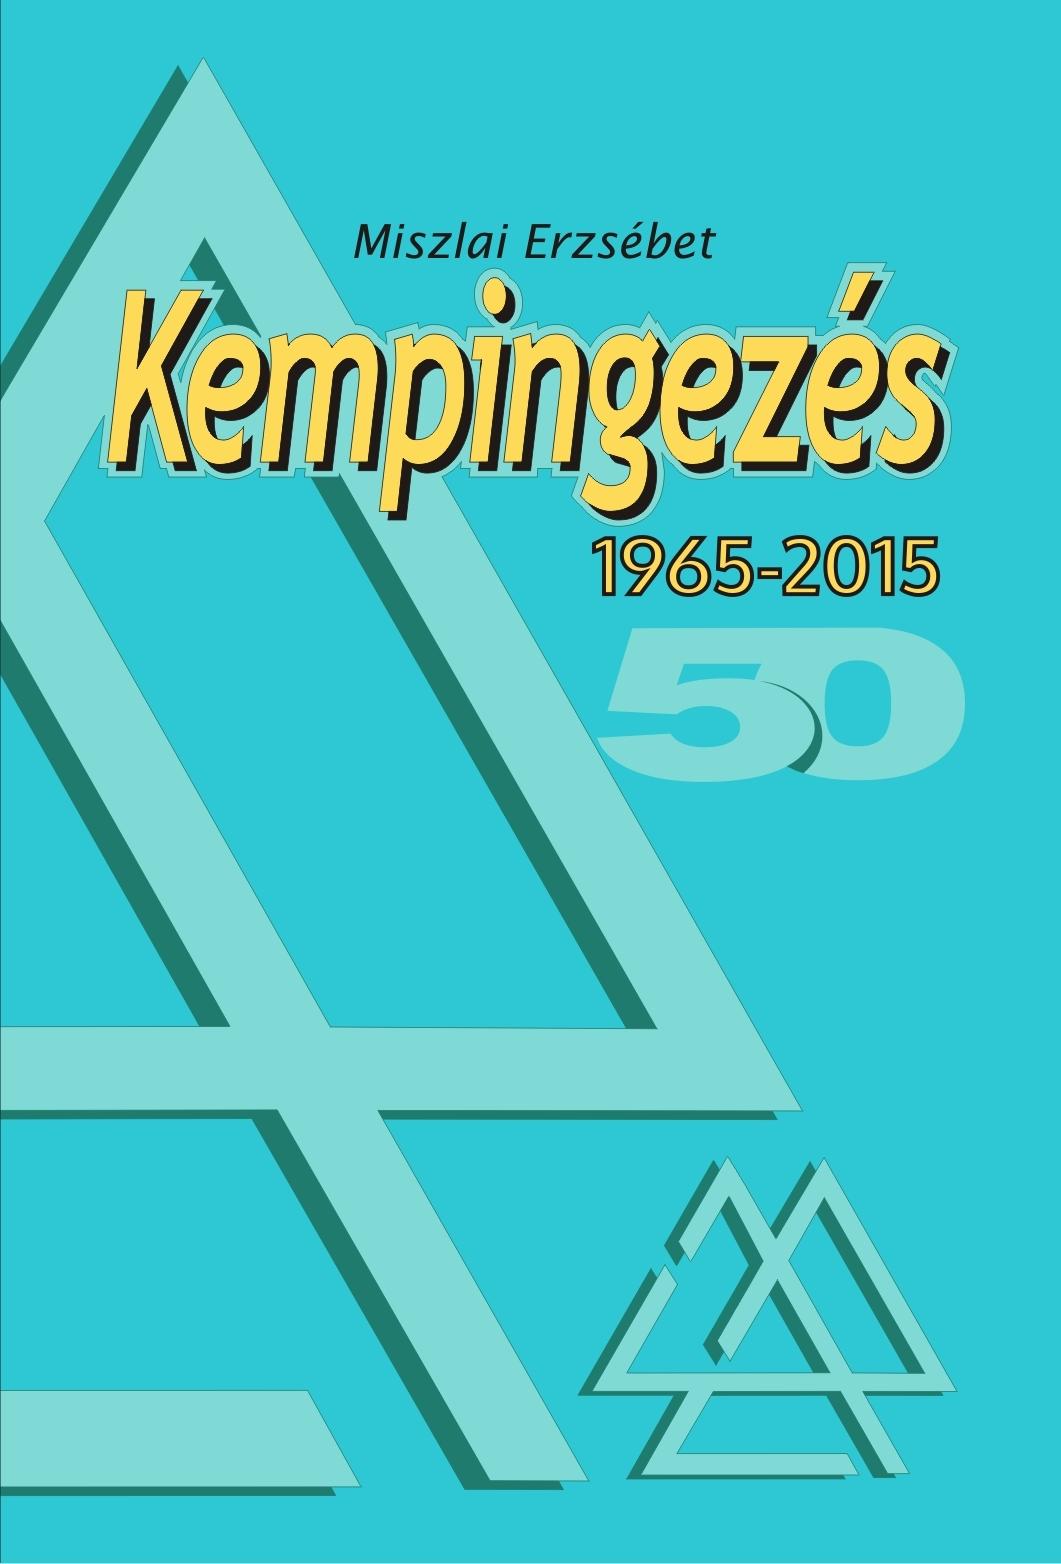 Kempingezés 1965-2015 könyvborító